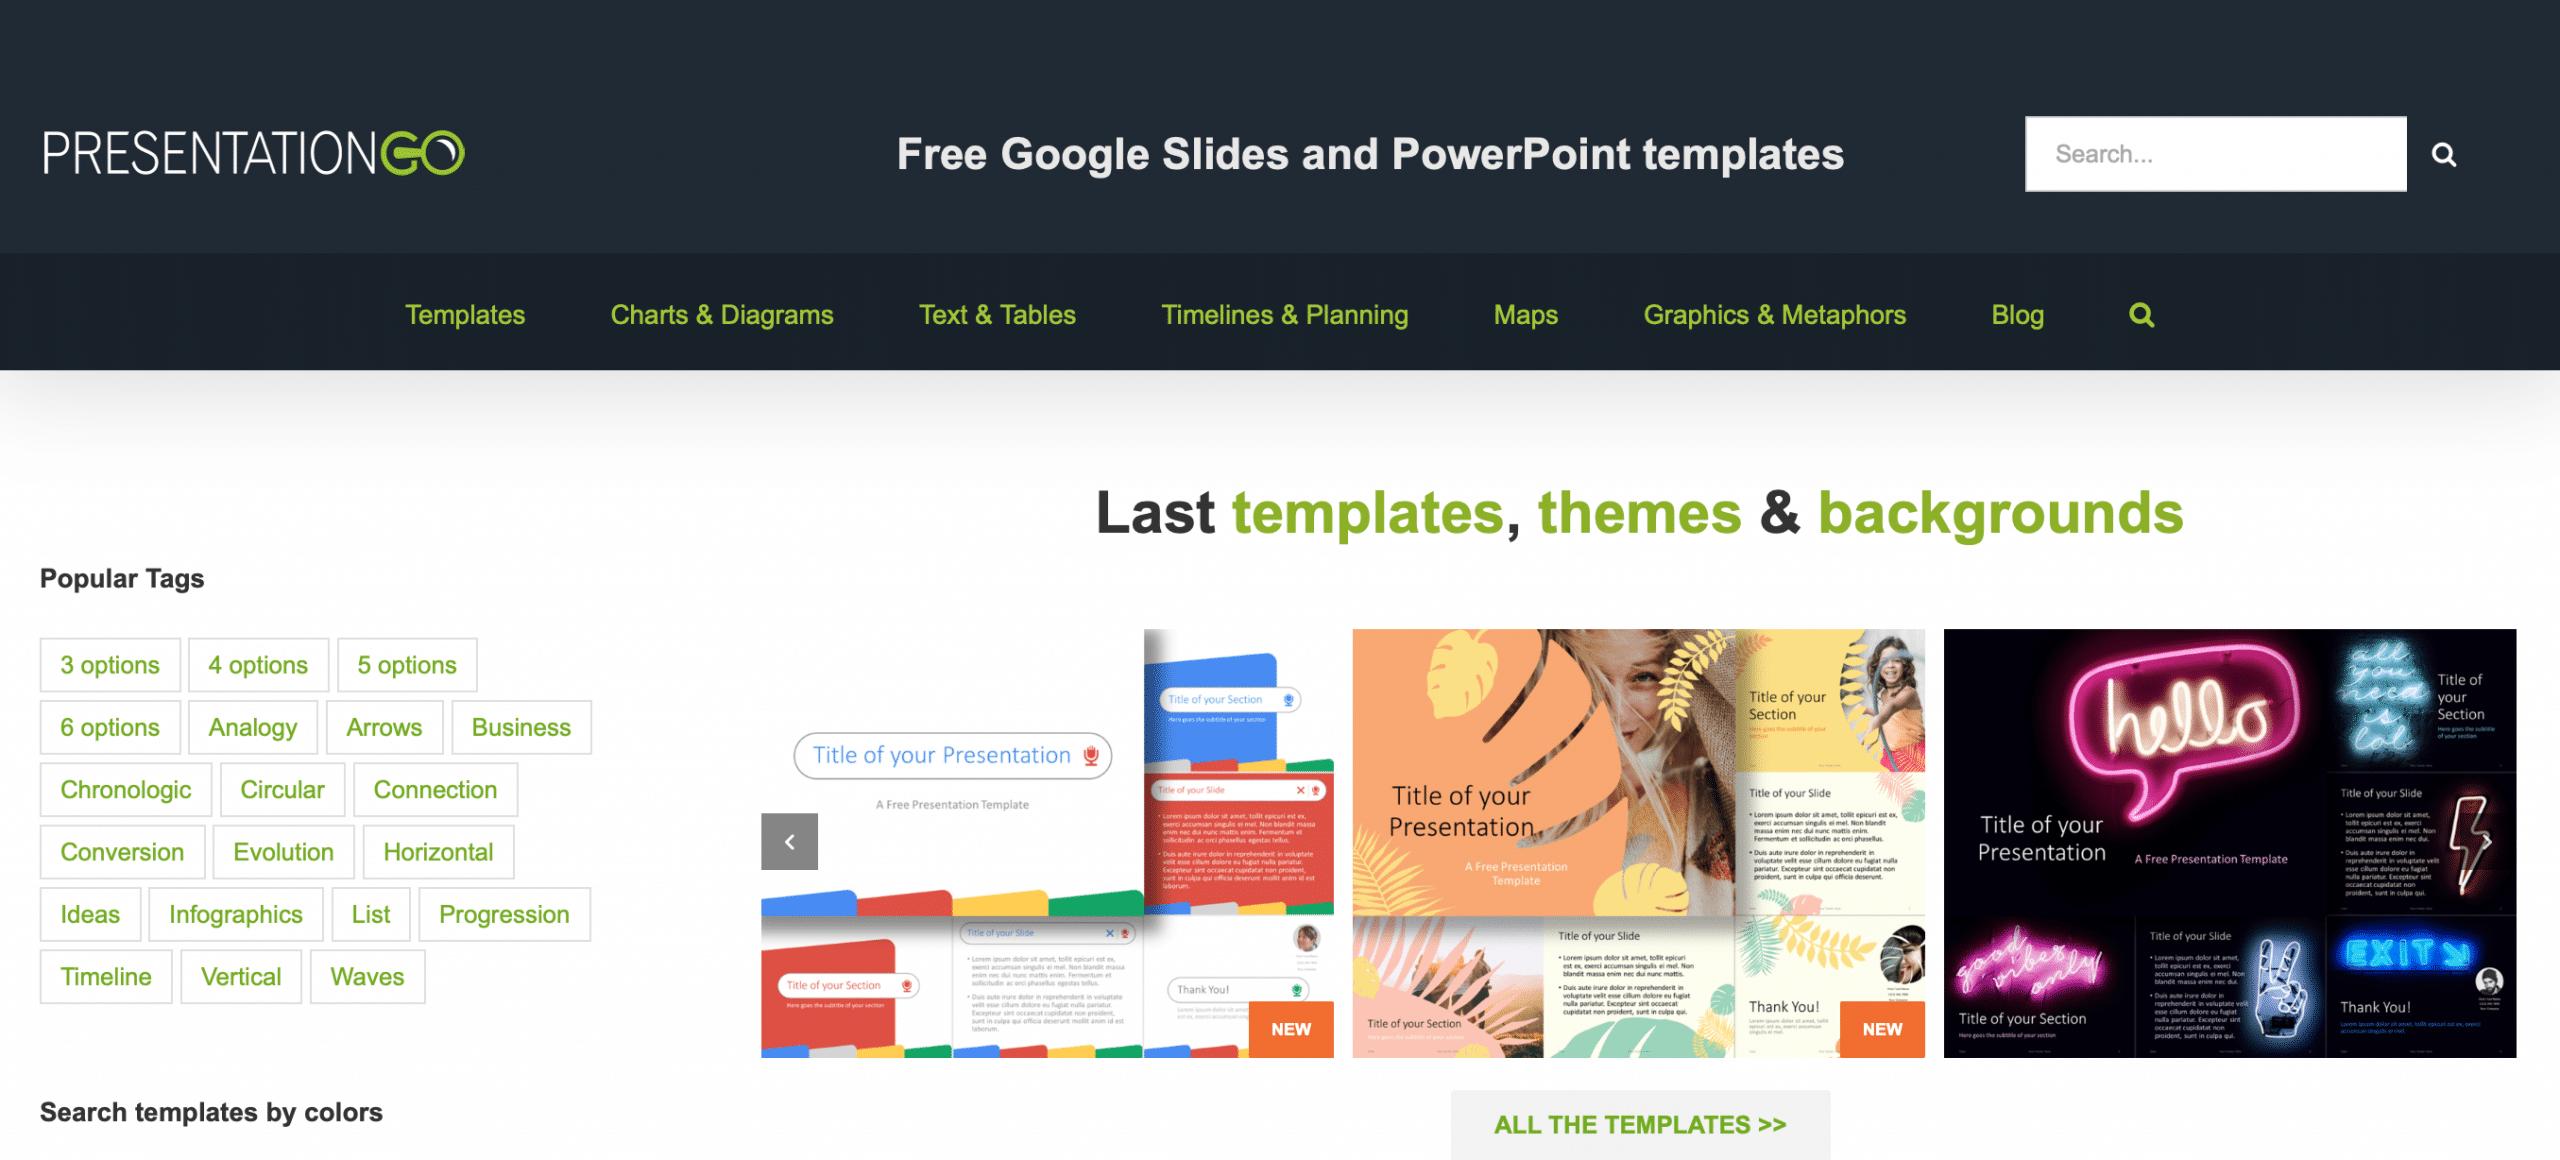 5 เว็บไซต์แจกฟรี เทมเพลต Google Slide และ PowerPoint สวยๆ ง่าย ๆ หลายรูปแบบ